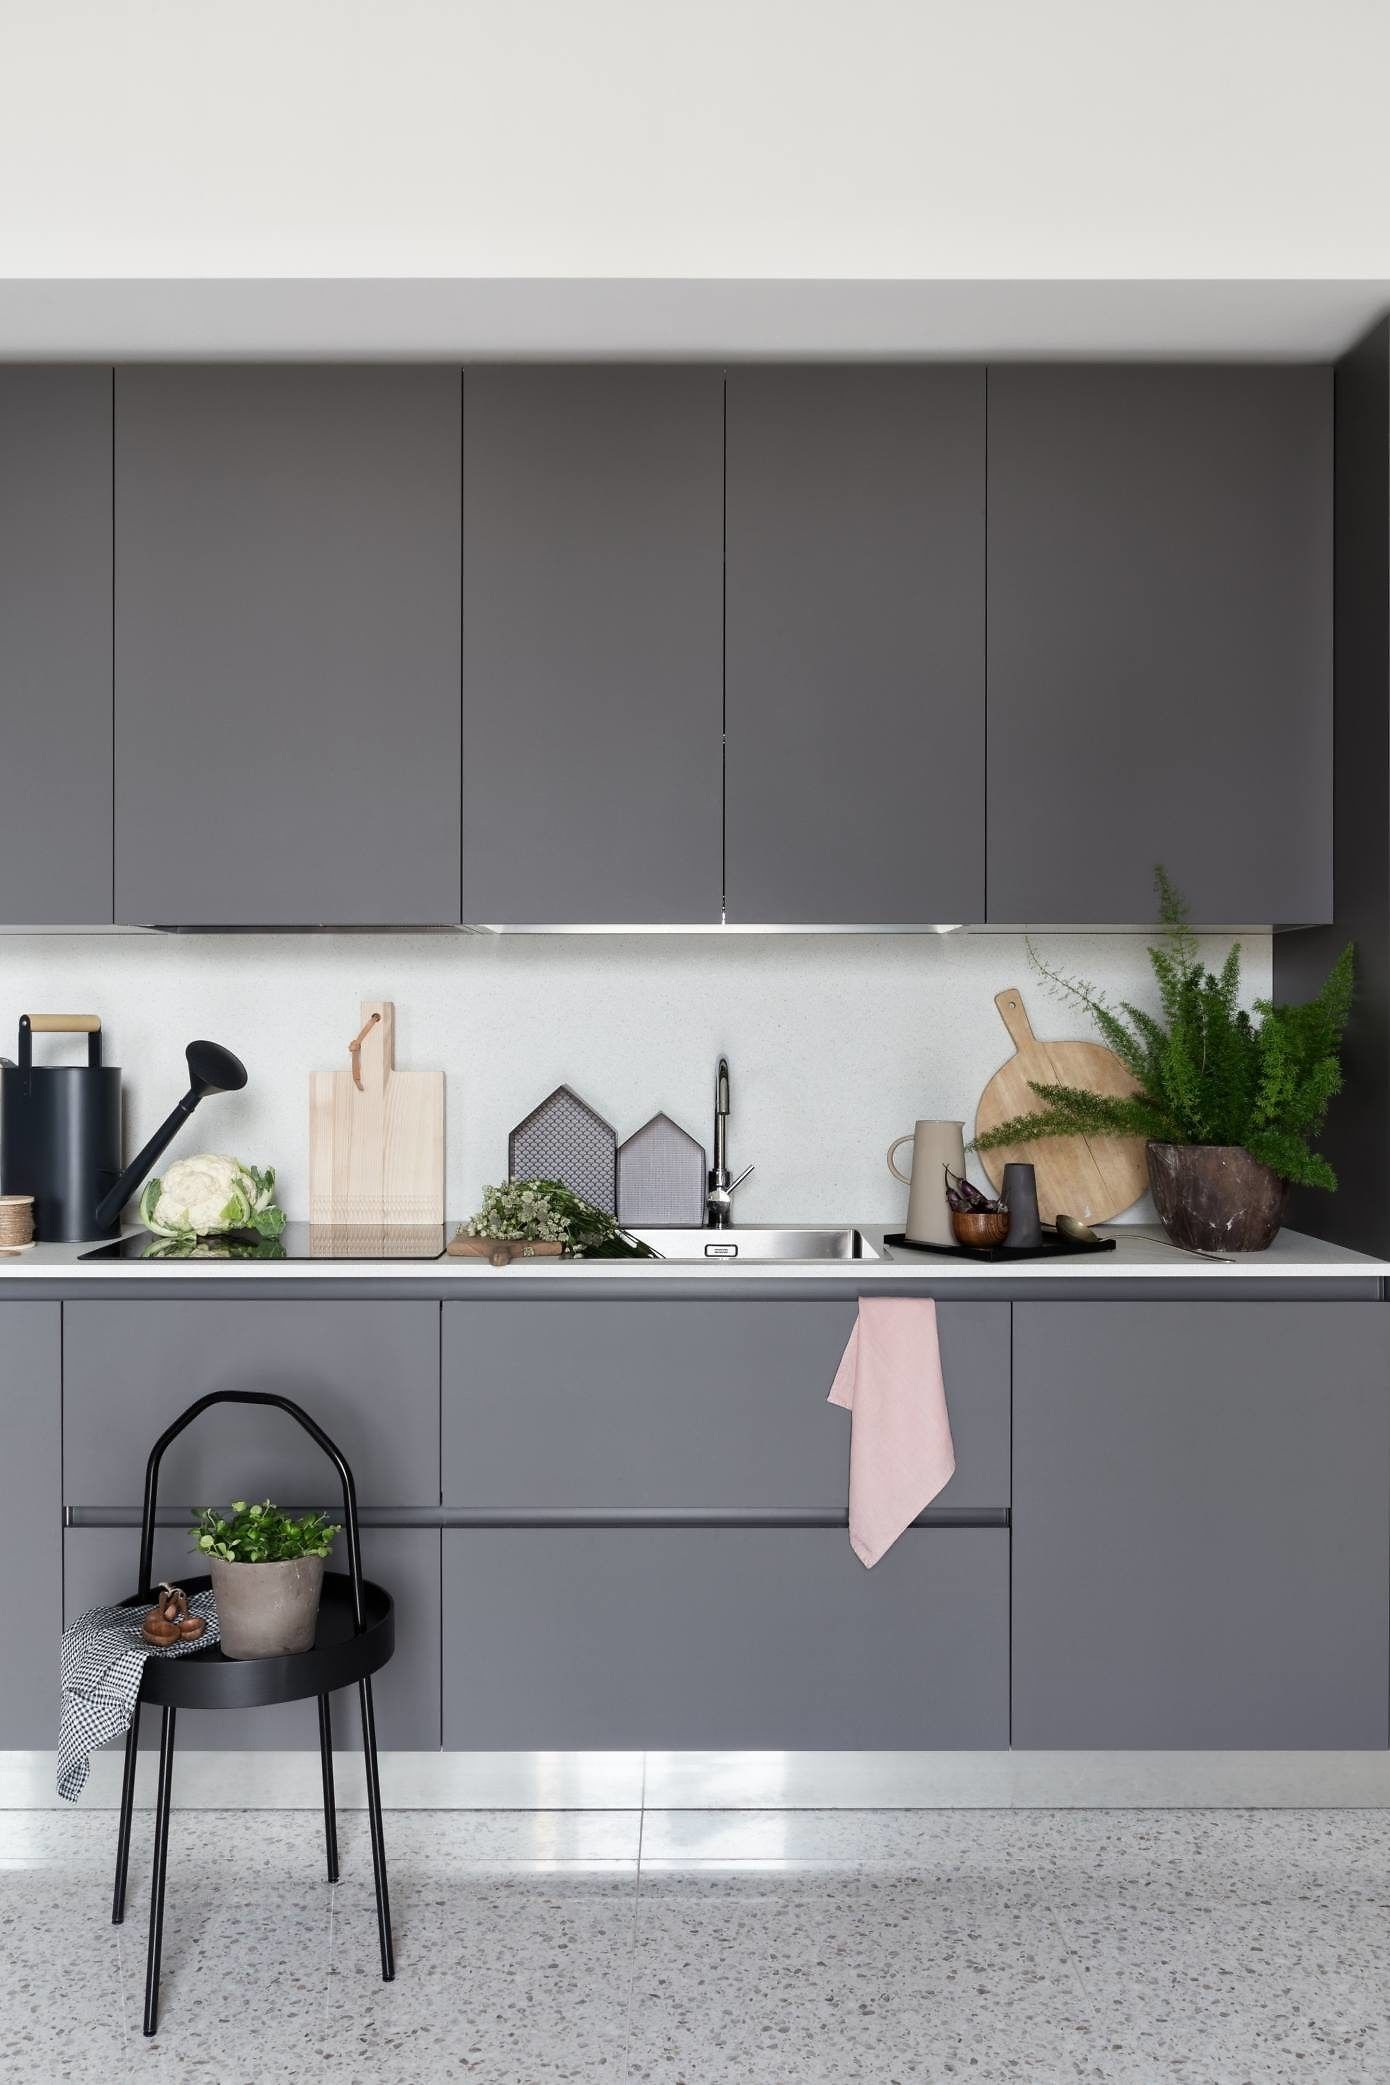 Décoration pastel dans un appartement italien – PLANETE DECO a homes world